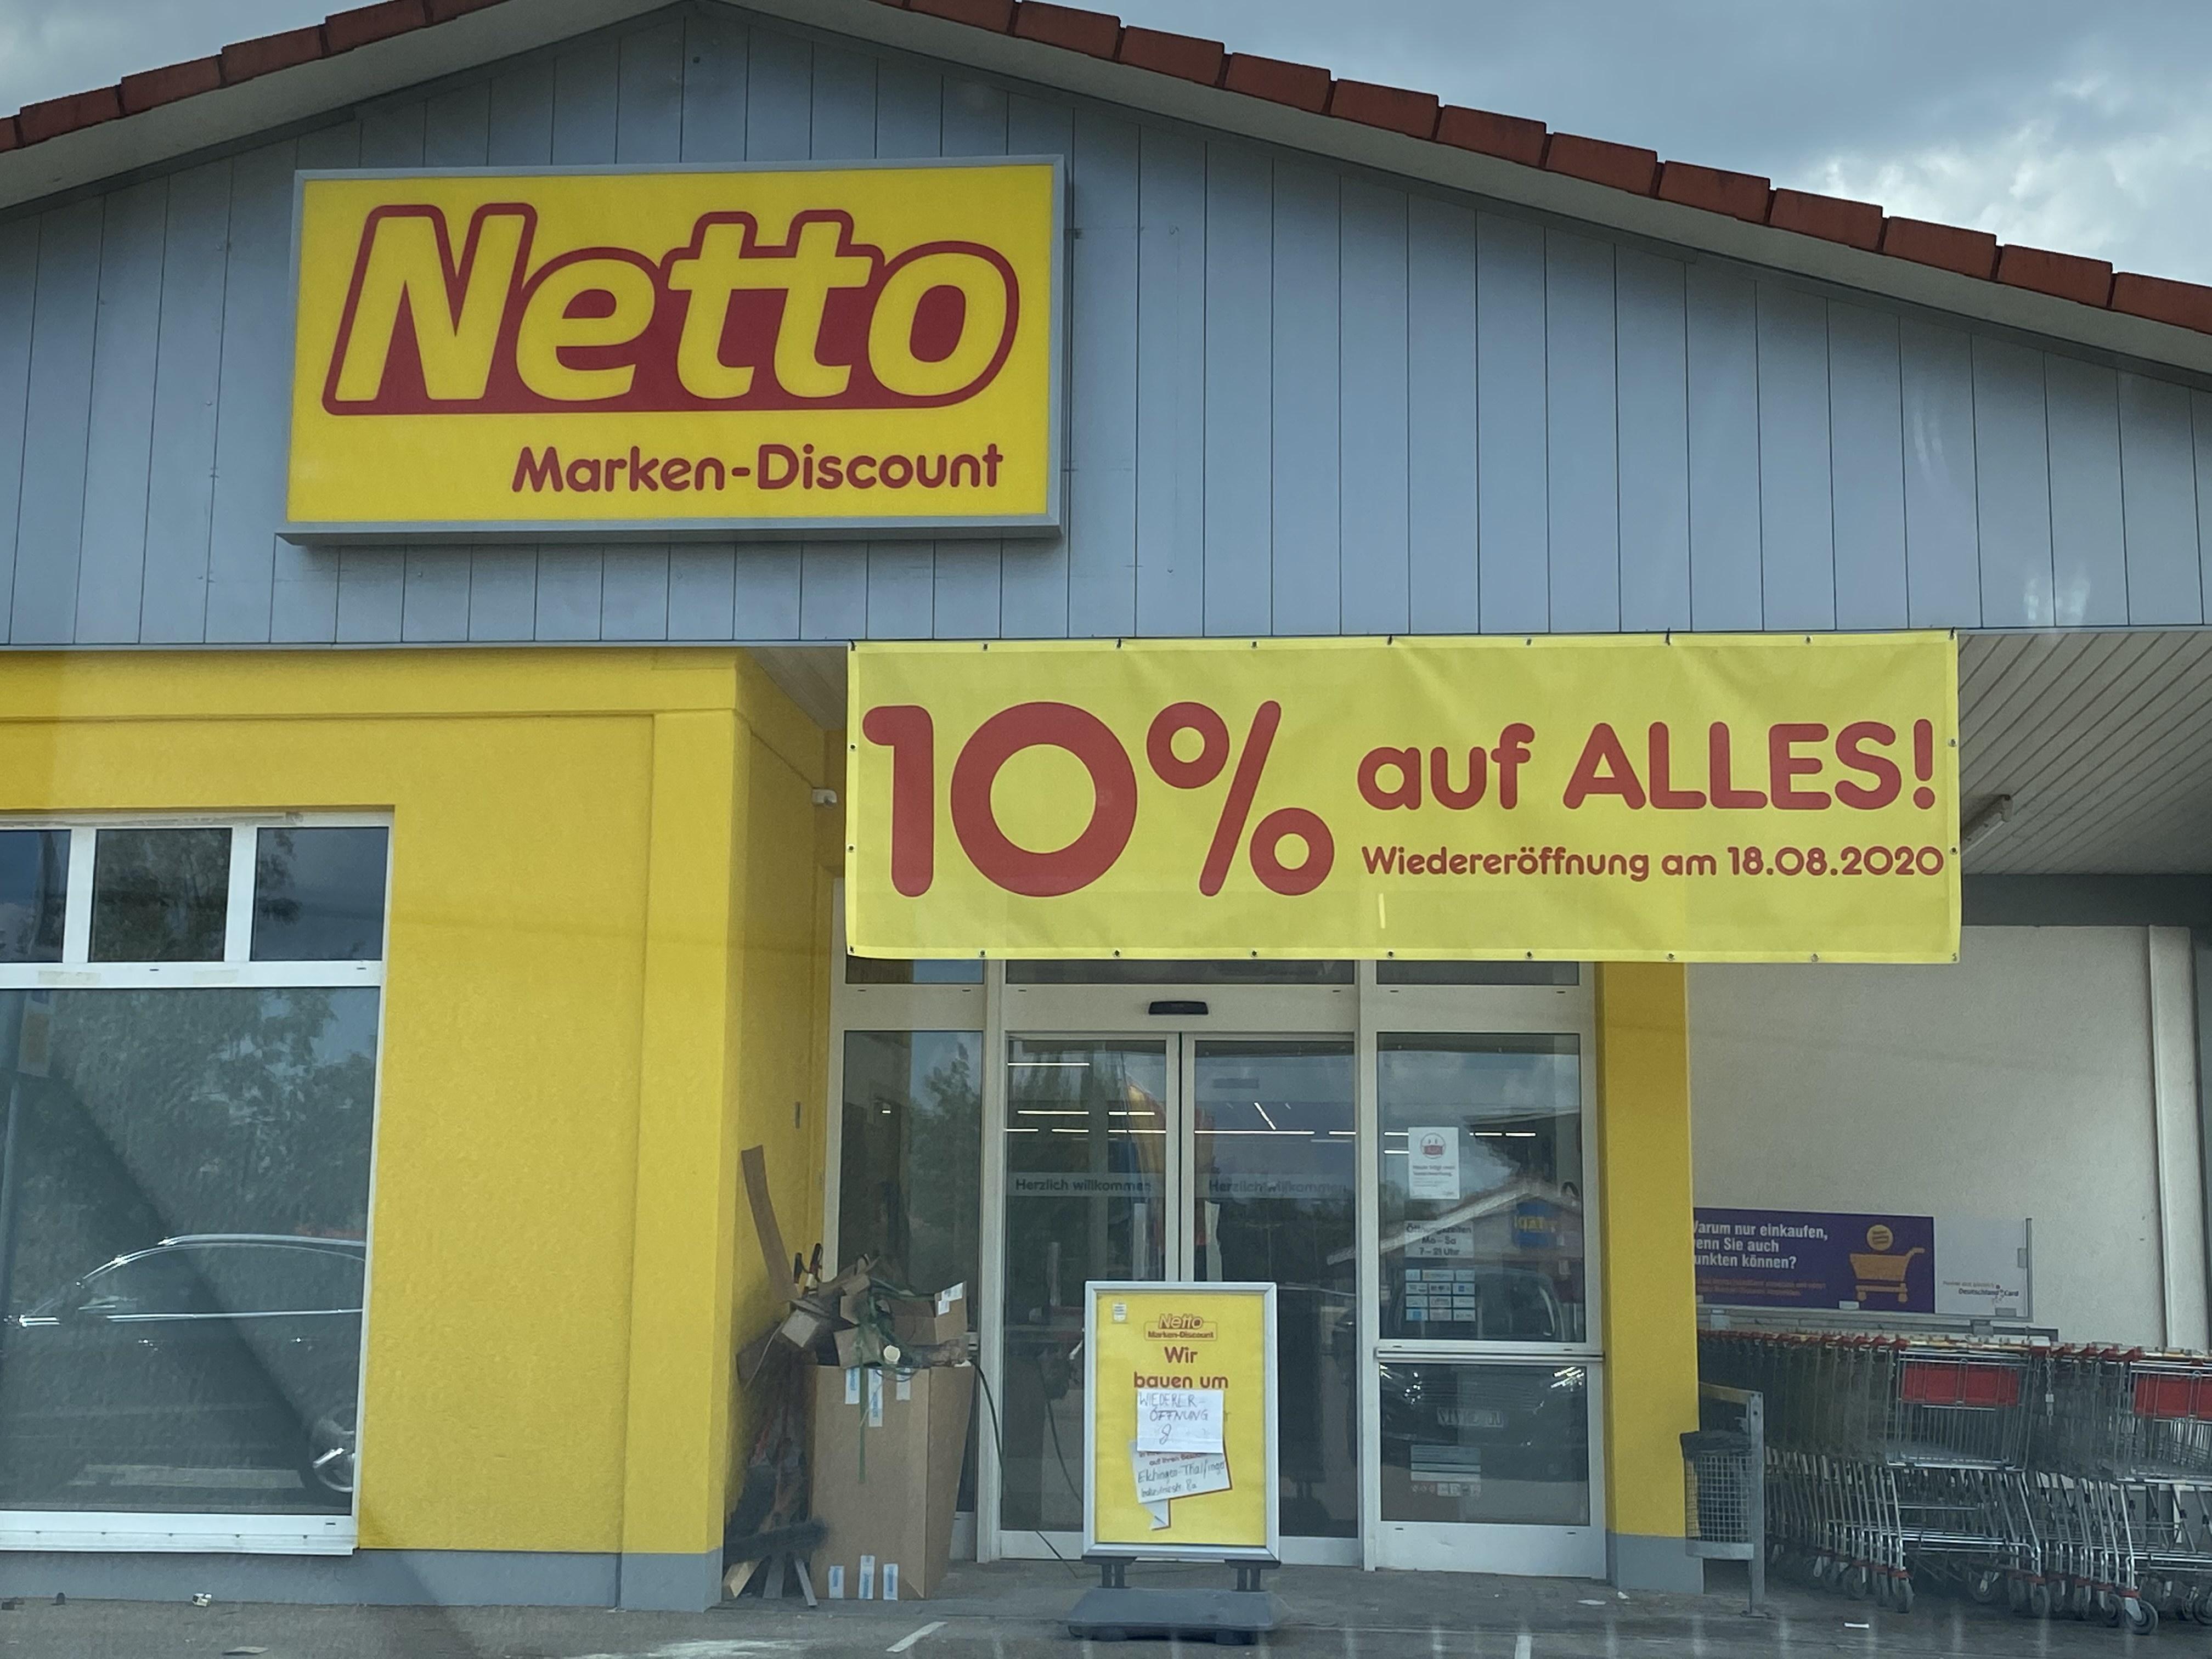 (-Lokal- 89129 Langenau) Netto Wiedereröffnung 18.8.20